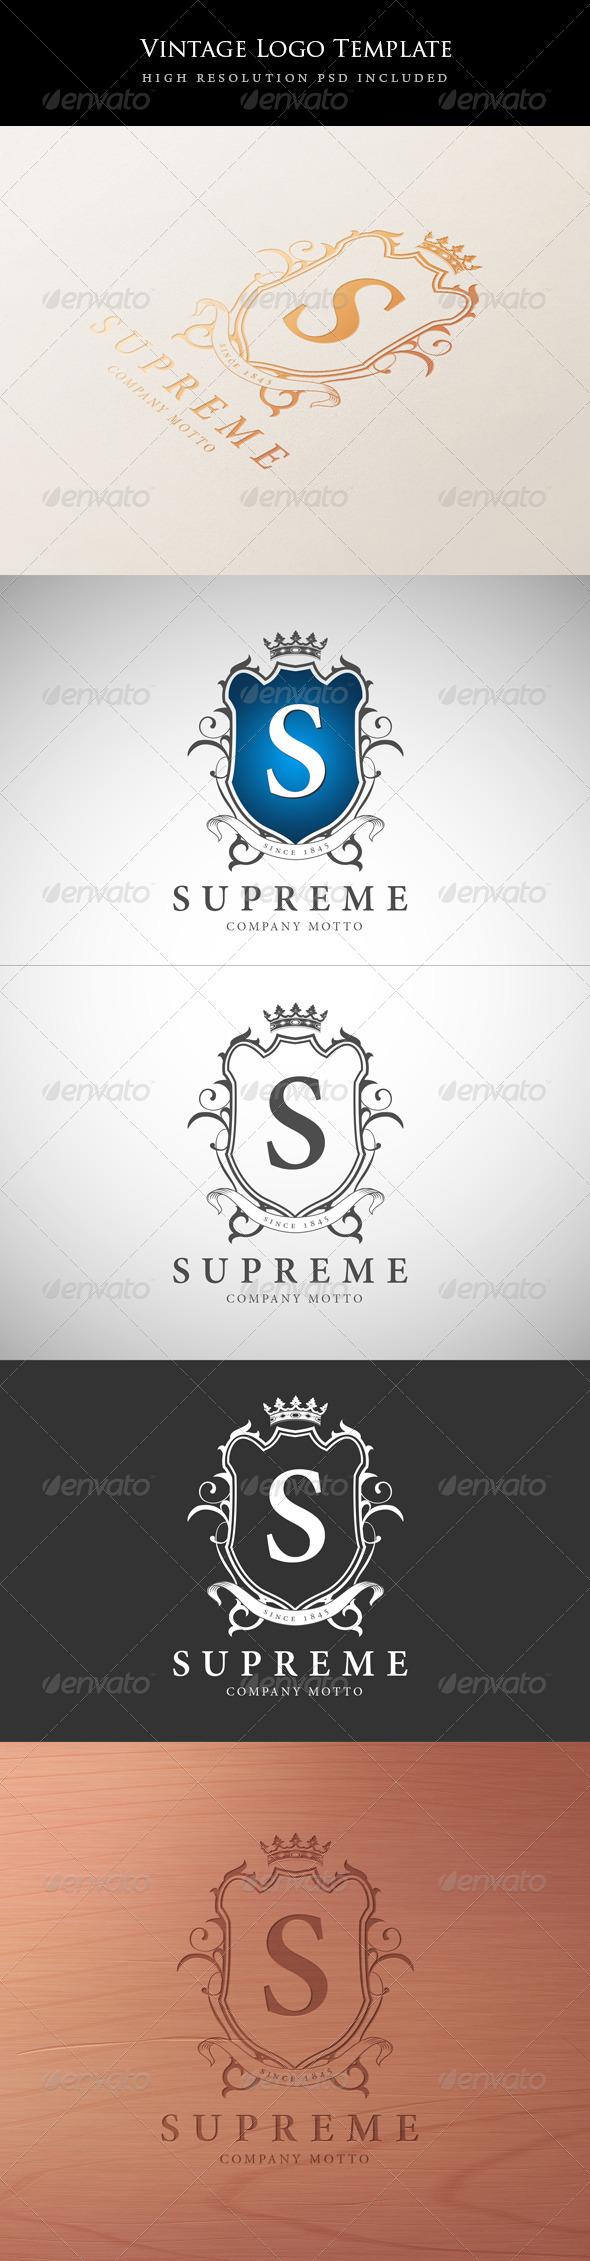 Vintage Logo Template - Crests Logo Templates